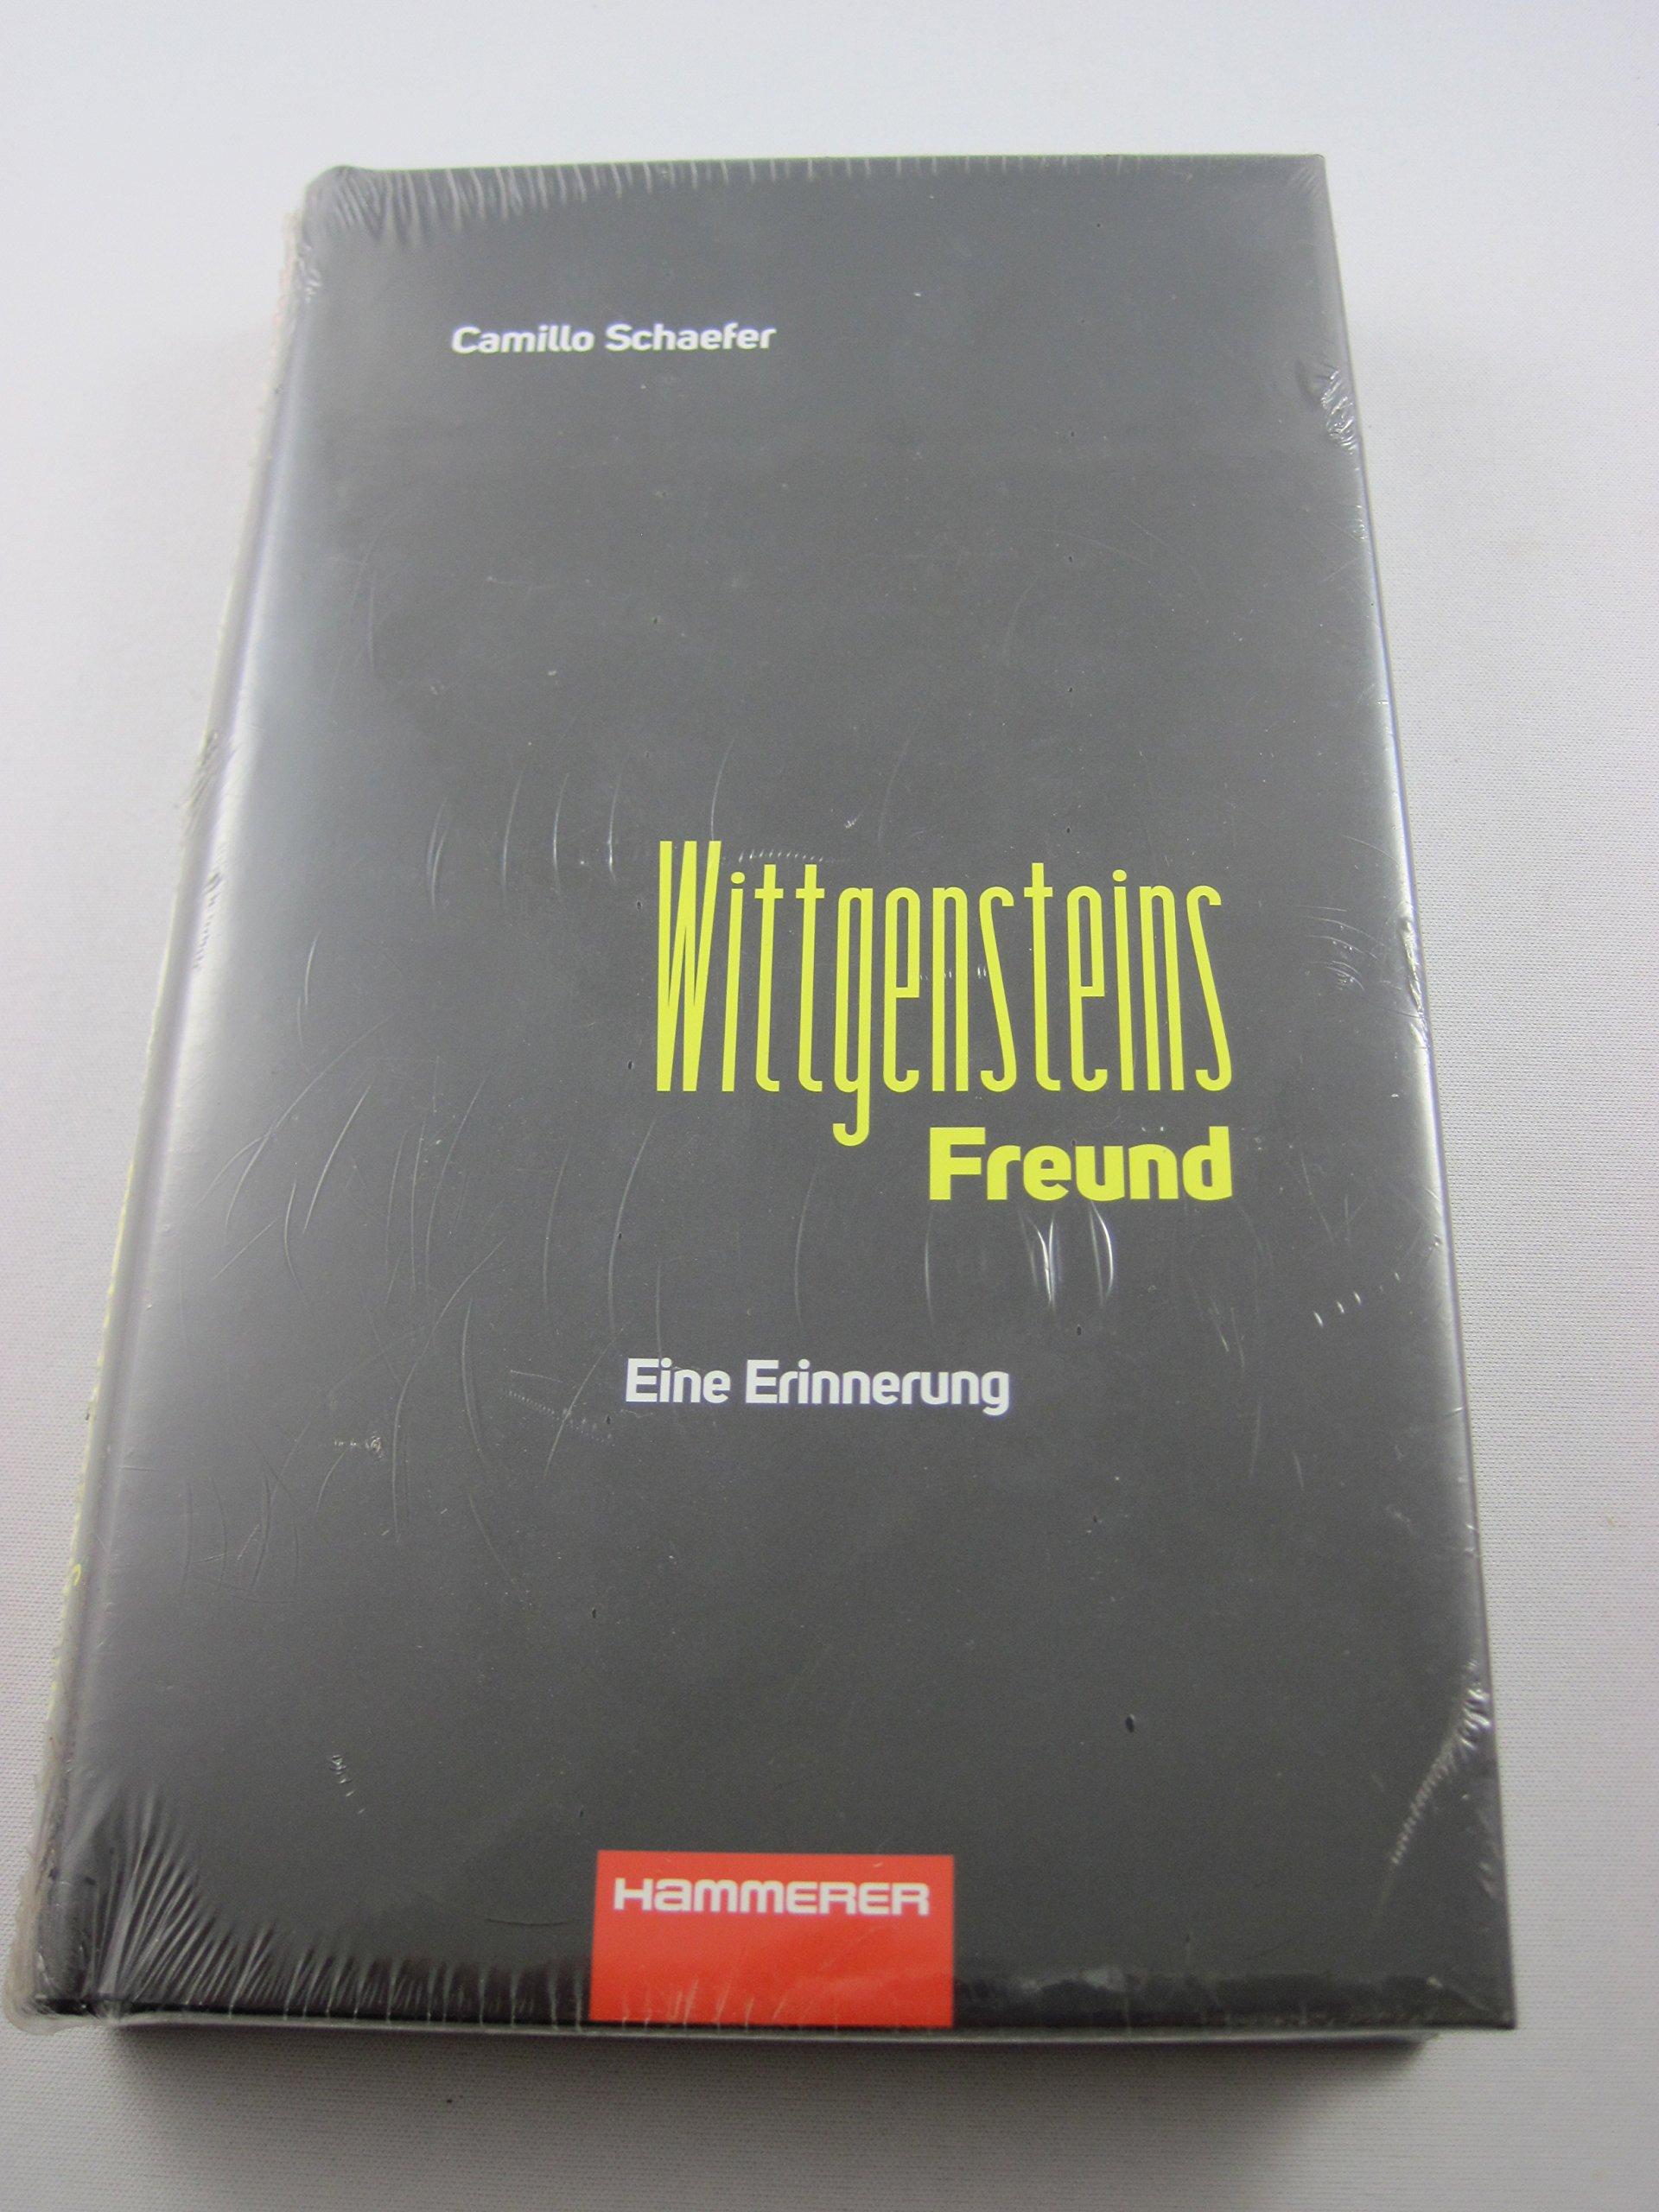 Wittgensteins freund eine erinnerung amazon camillo schaefer wittgensteins freund eine erinnerung amazon camillo schaefer bcher fandeluxe Images